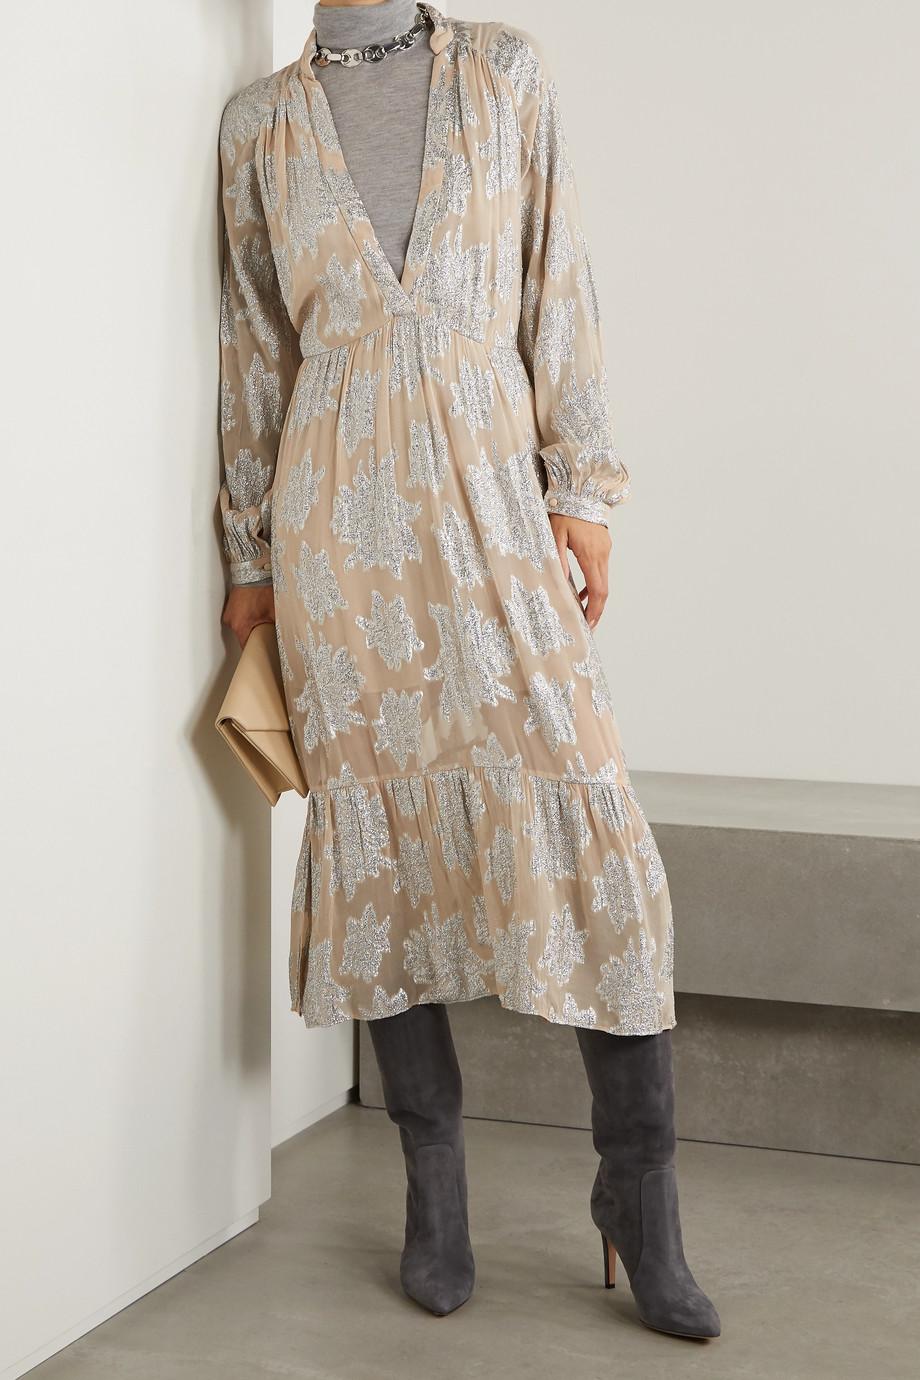 IRO Katte fil coupé crepe de chine midi dress